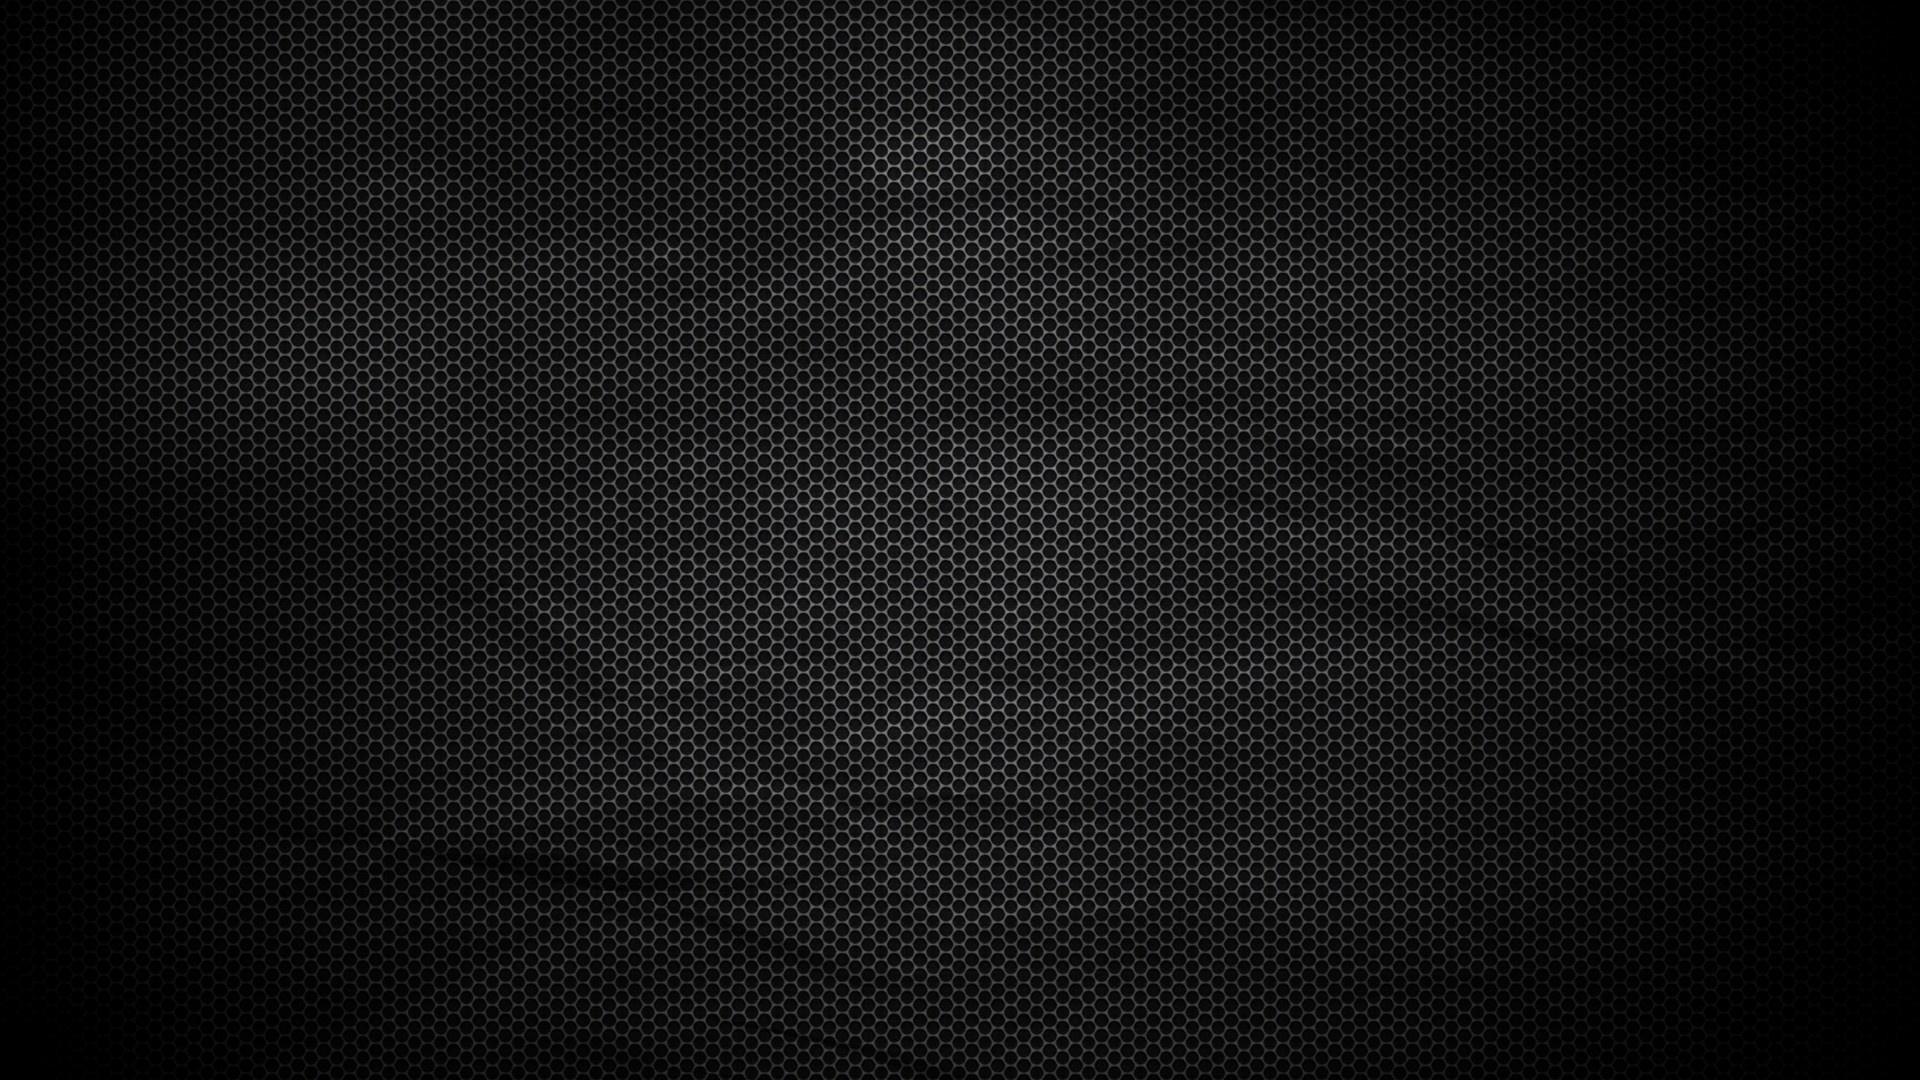 wallpaper.wiki-Black-wallpaper-hd-desktop-PIC-WPD0011615